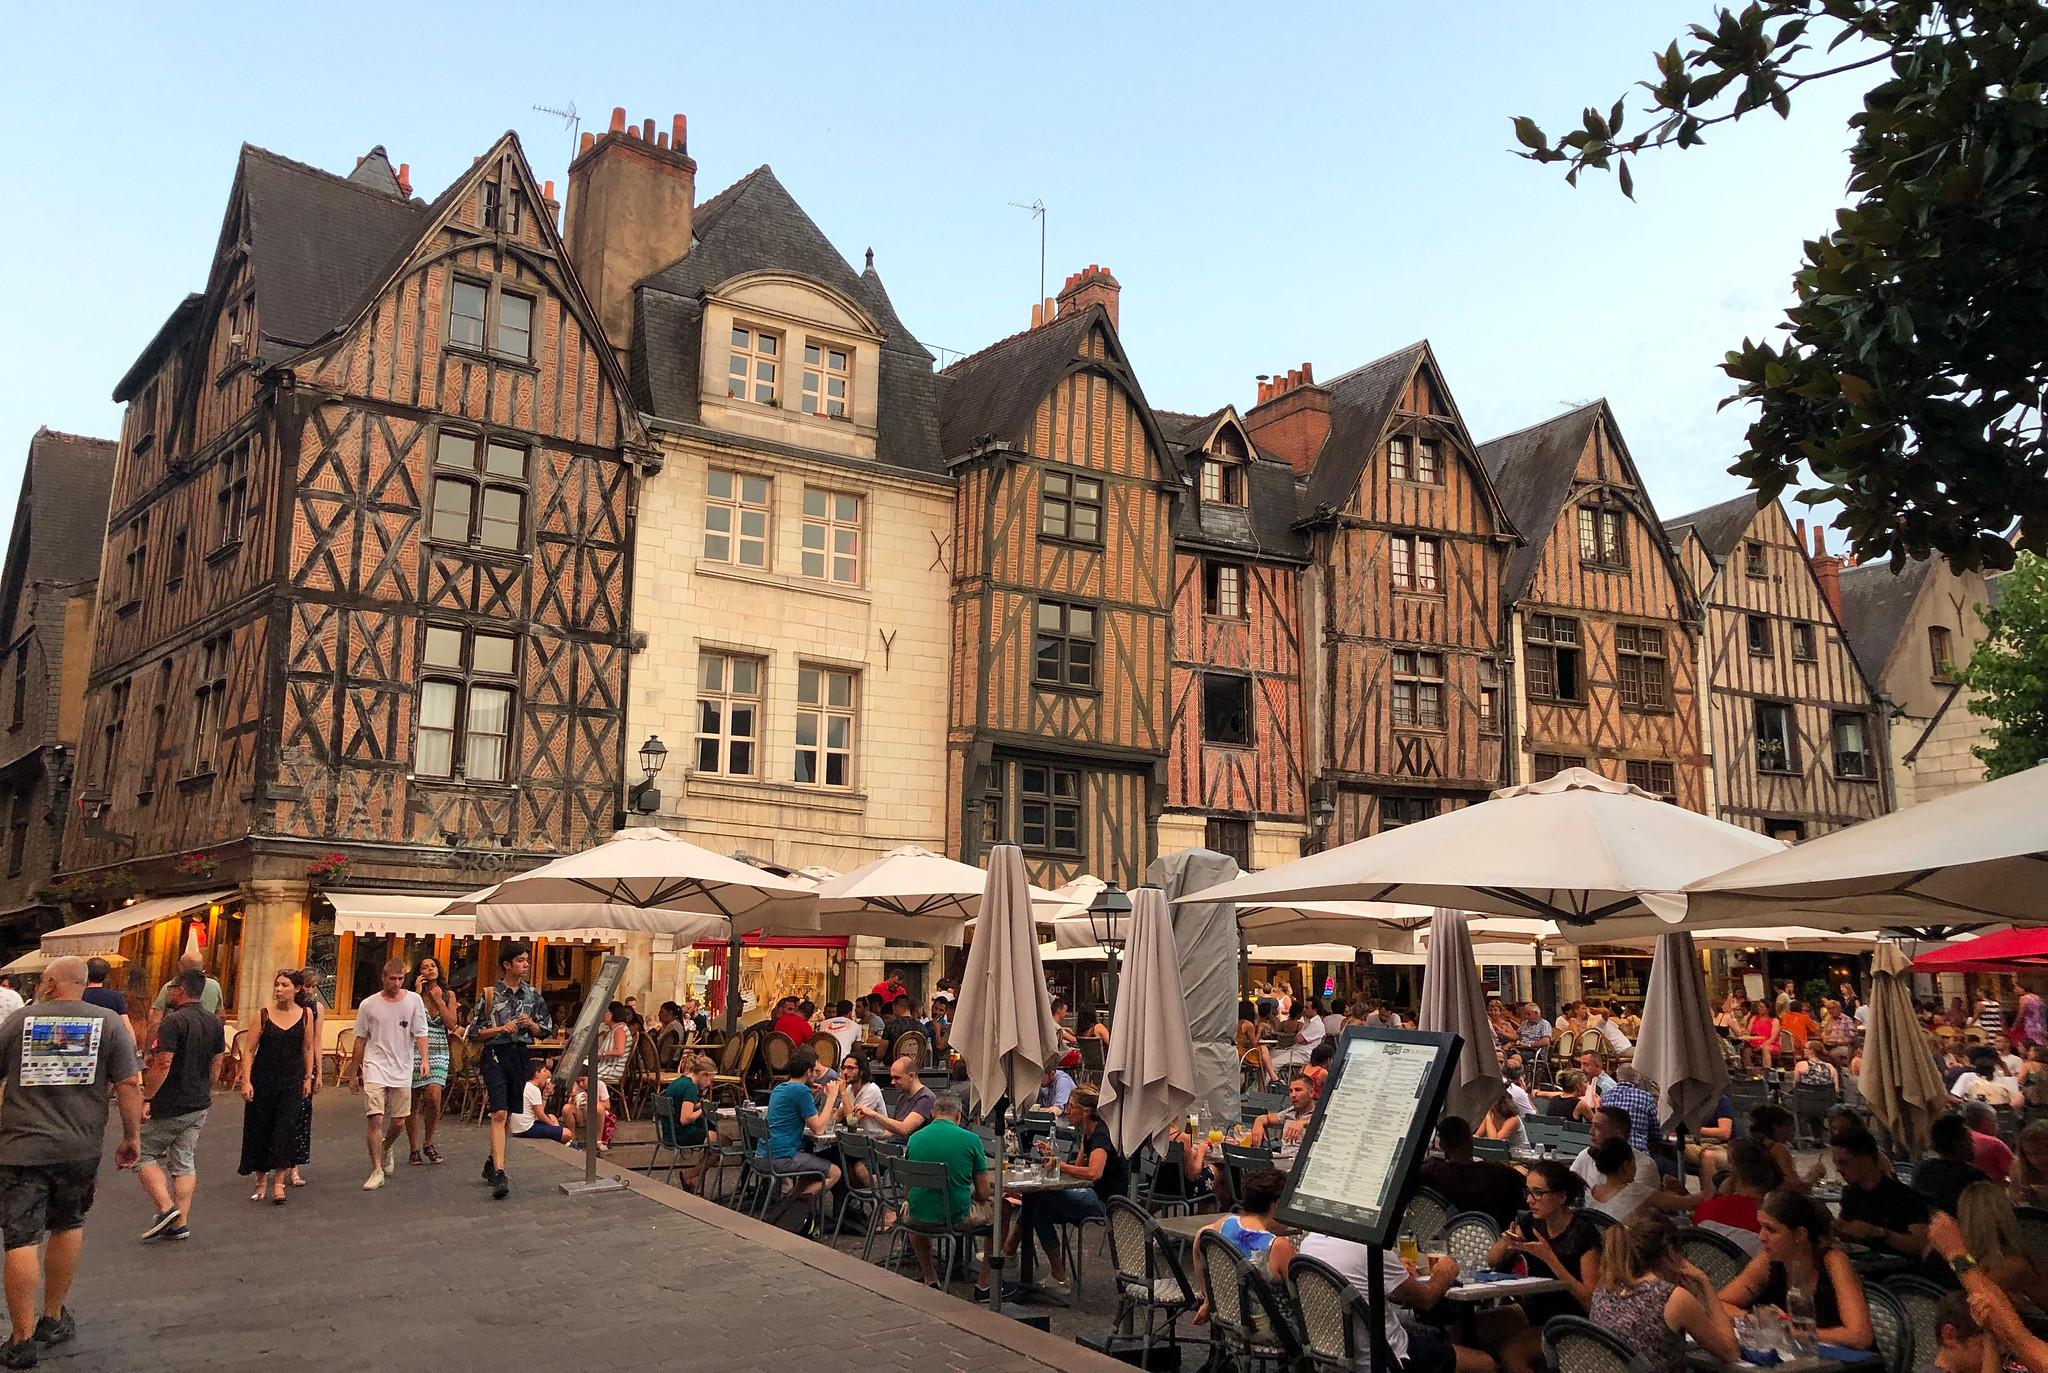 Valle del Loira en 2 días, Francia - Amboise, Tours, Chenonceau valle del loira en 2 días - 48643797026 28153ae749 k - Valle del Loira en 2 días